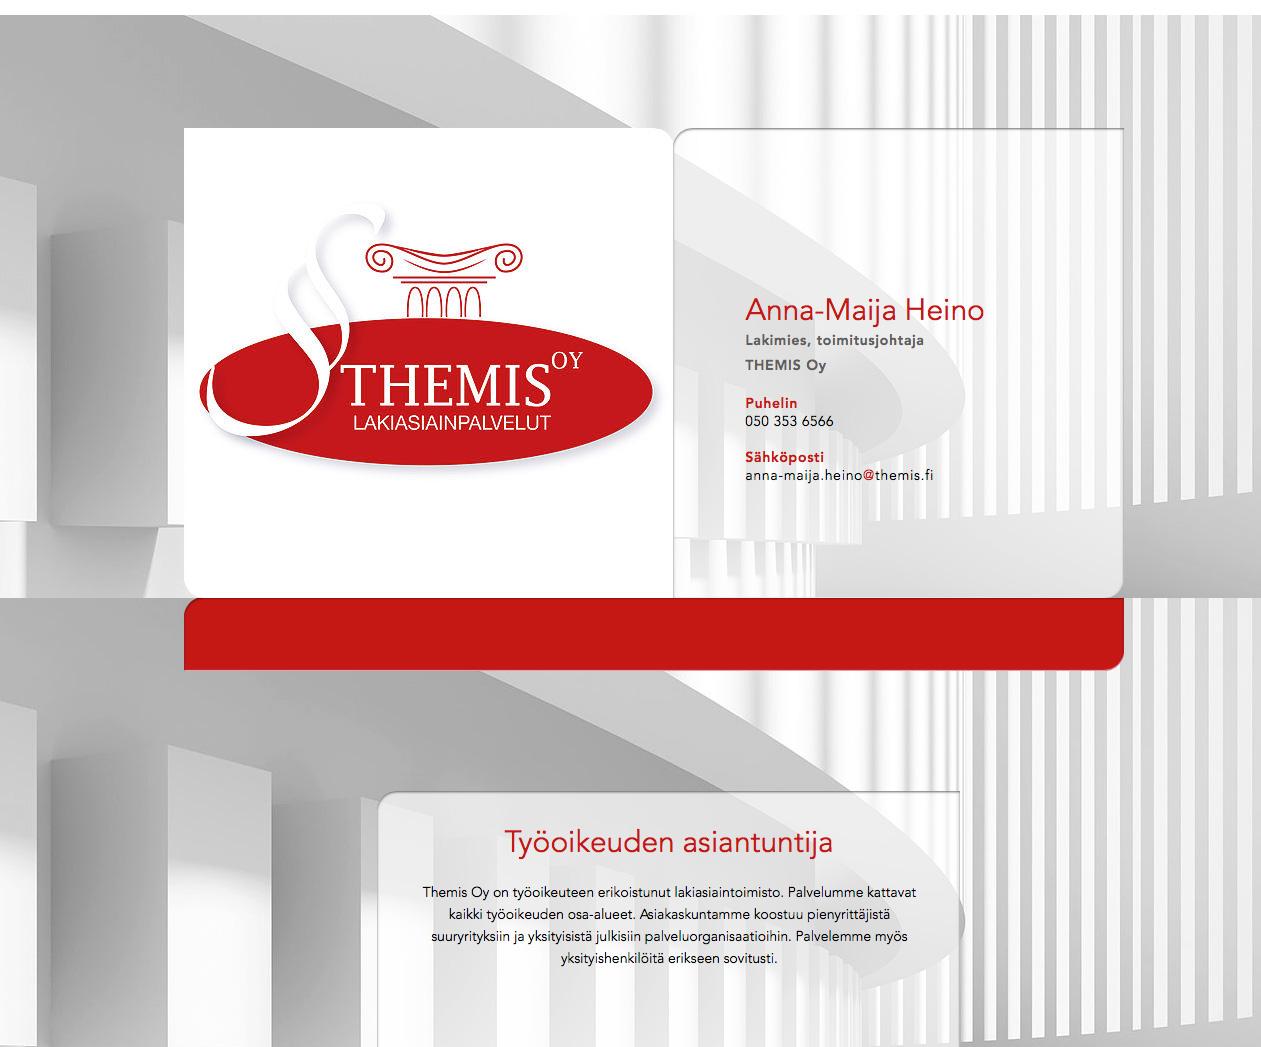 Themis.fi-nettisivusto